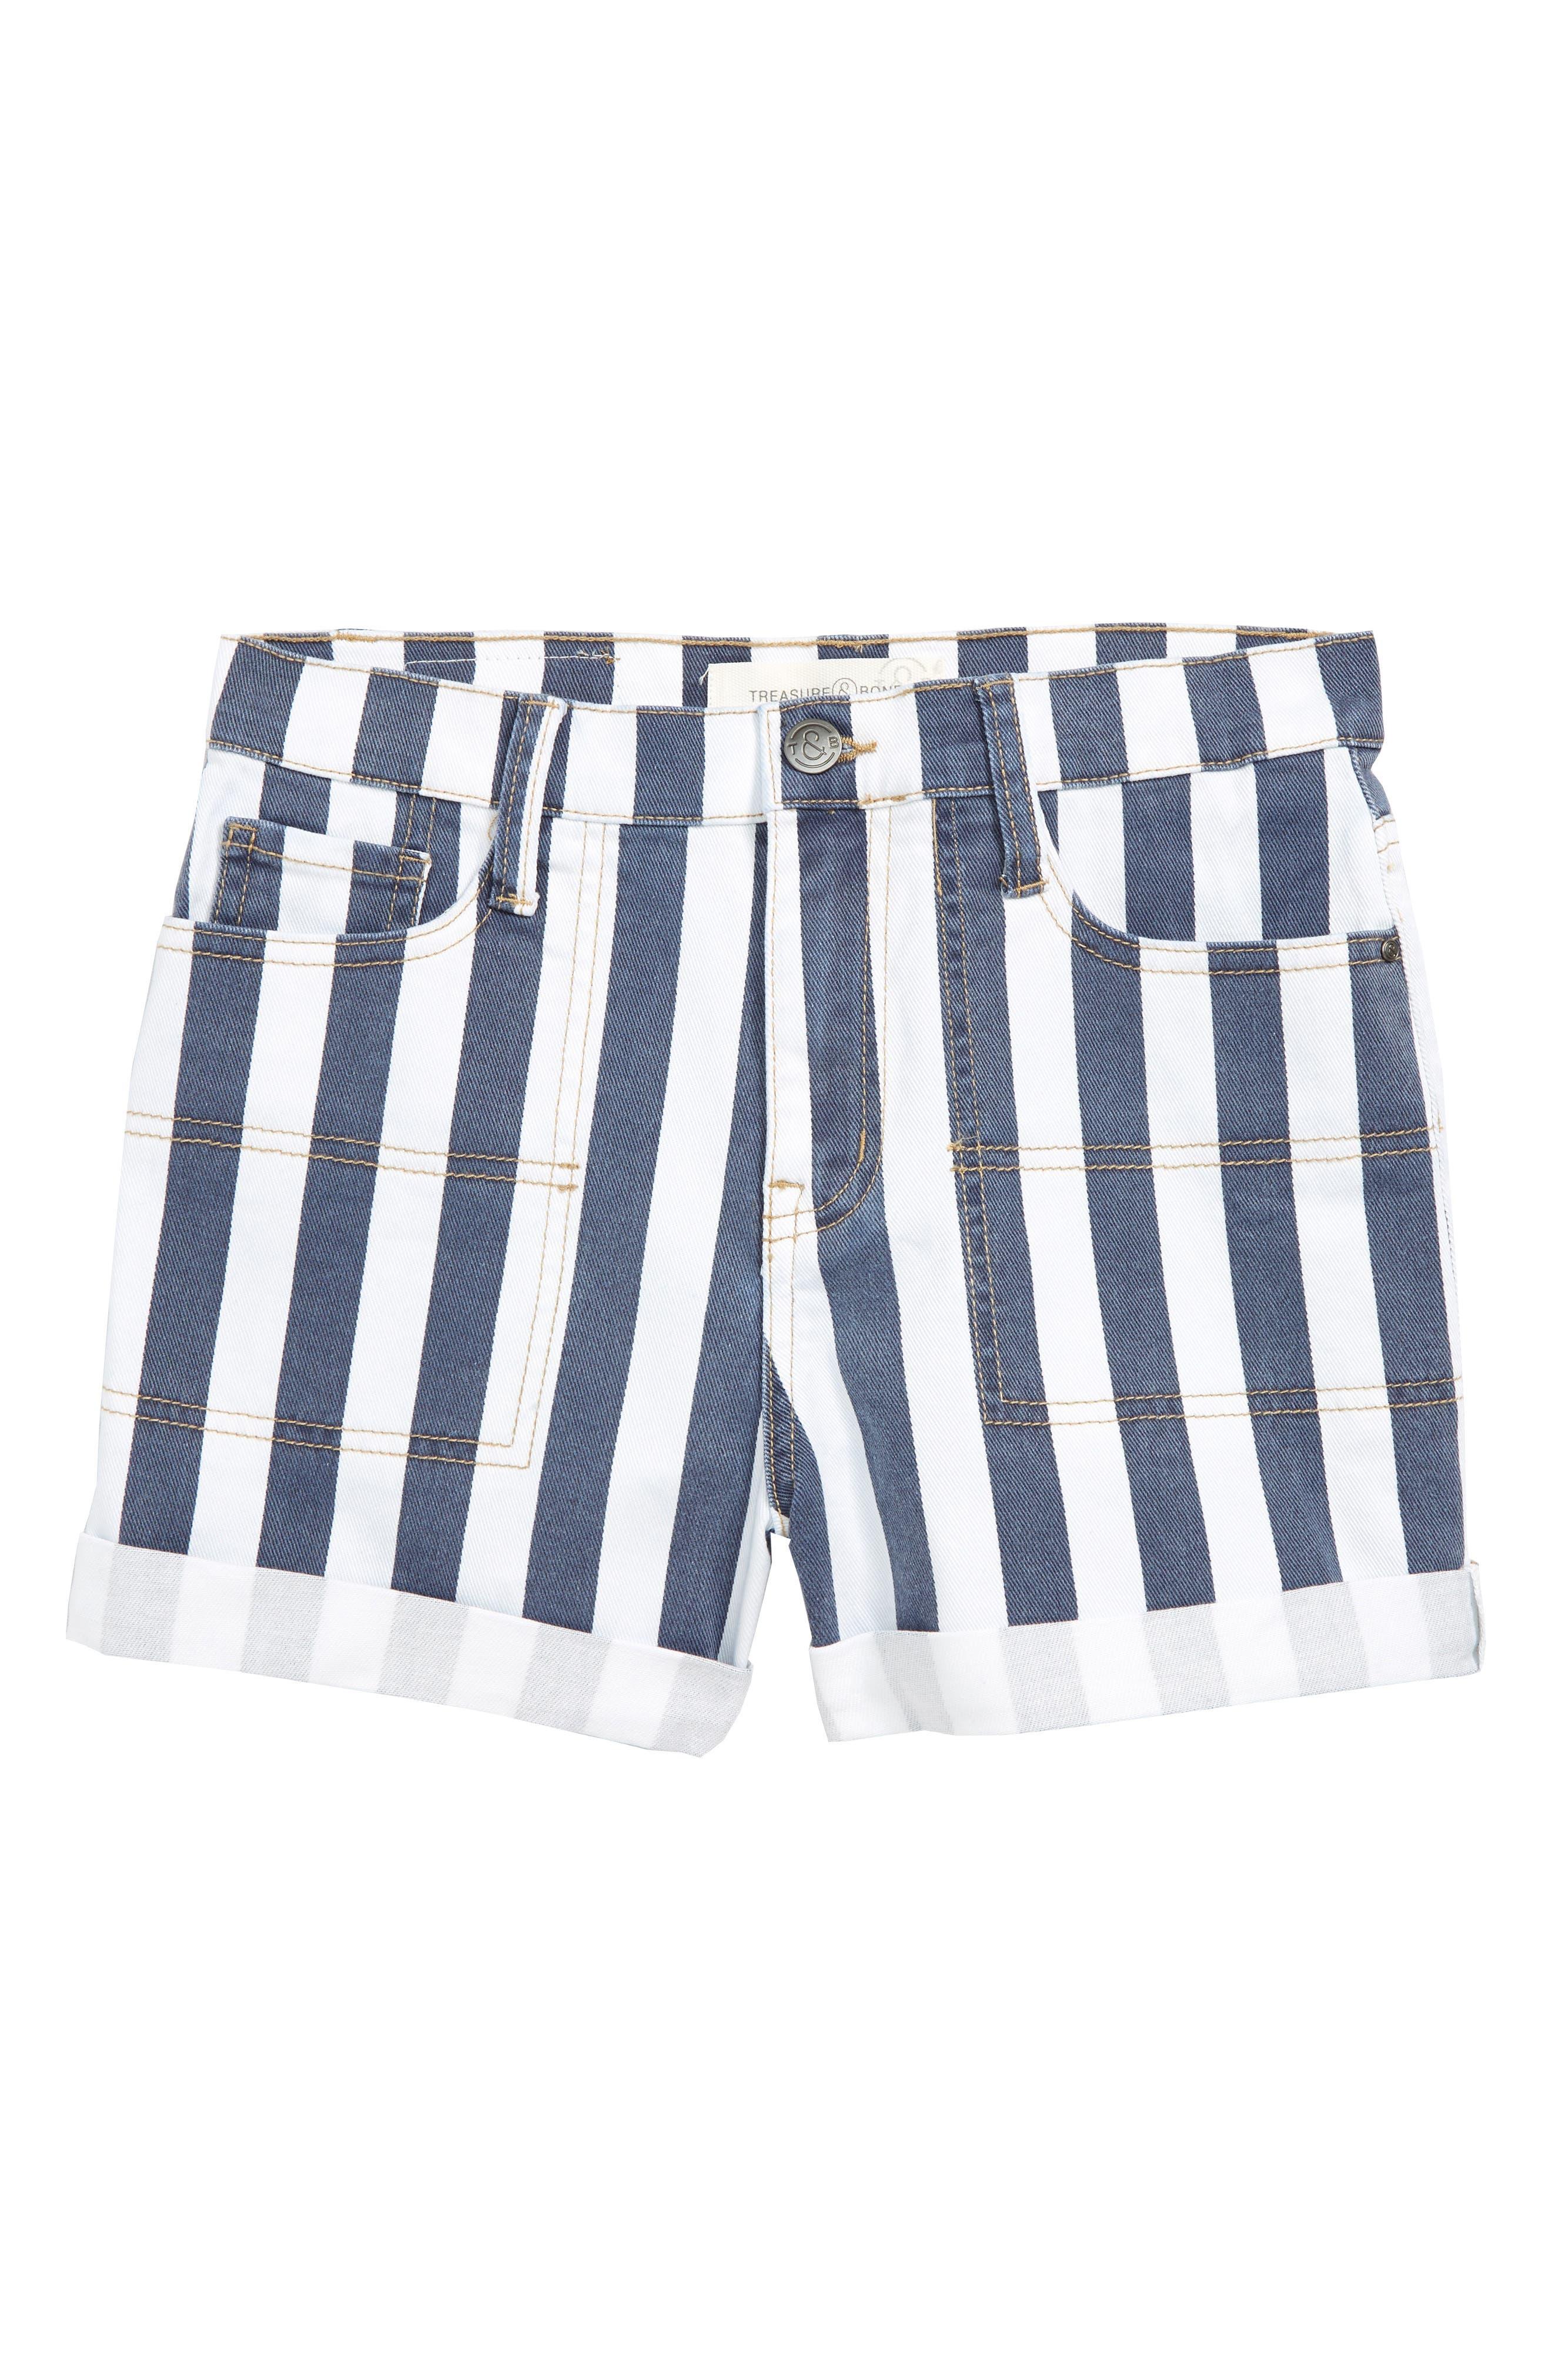 TREASURE & BOND Stripe High Waist Vintage Denim Shorts, Main, color, BAND WASH